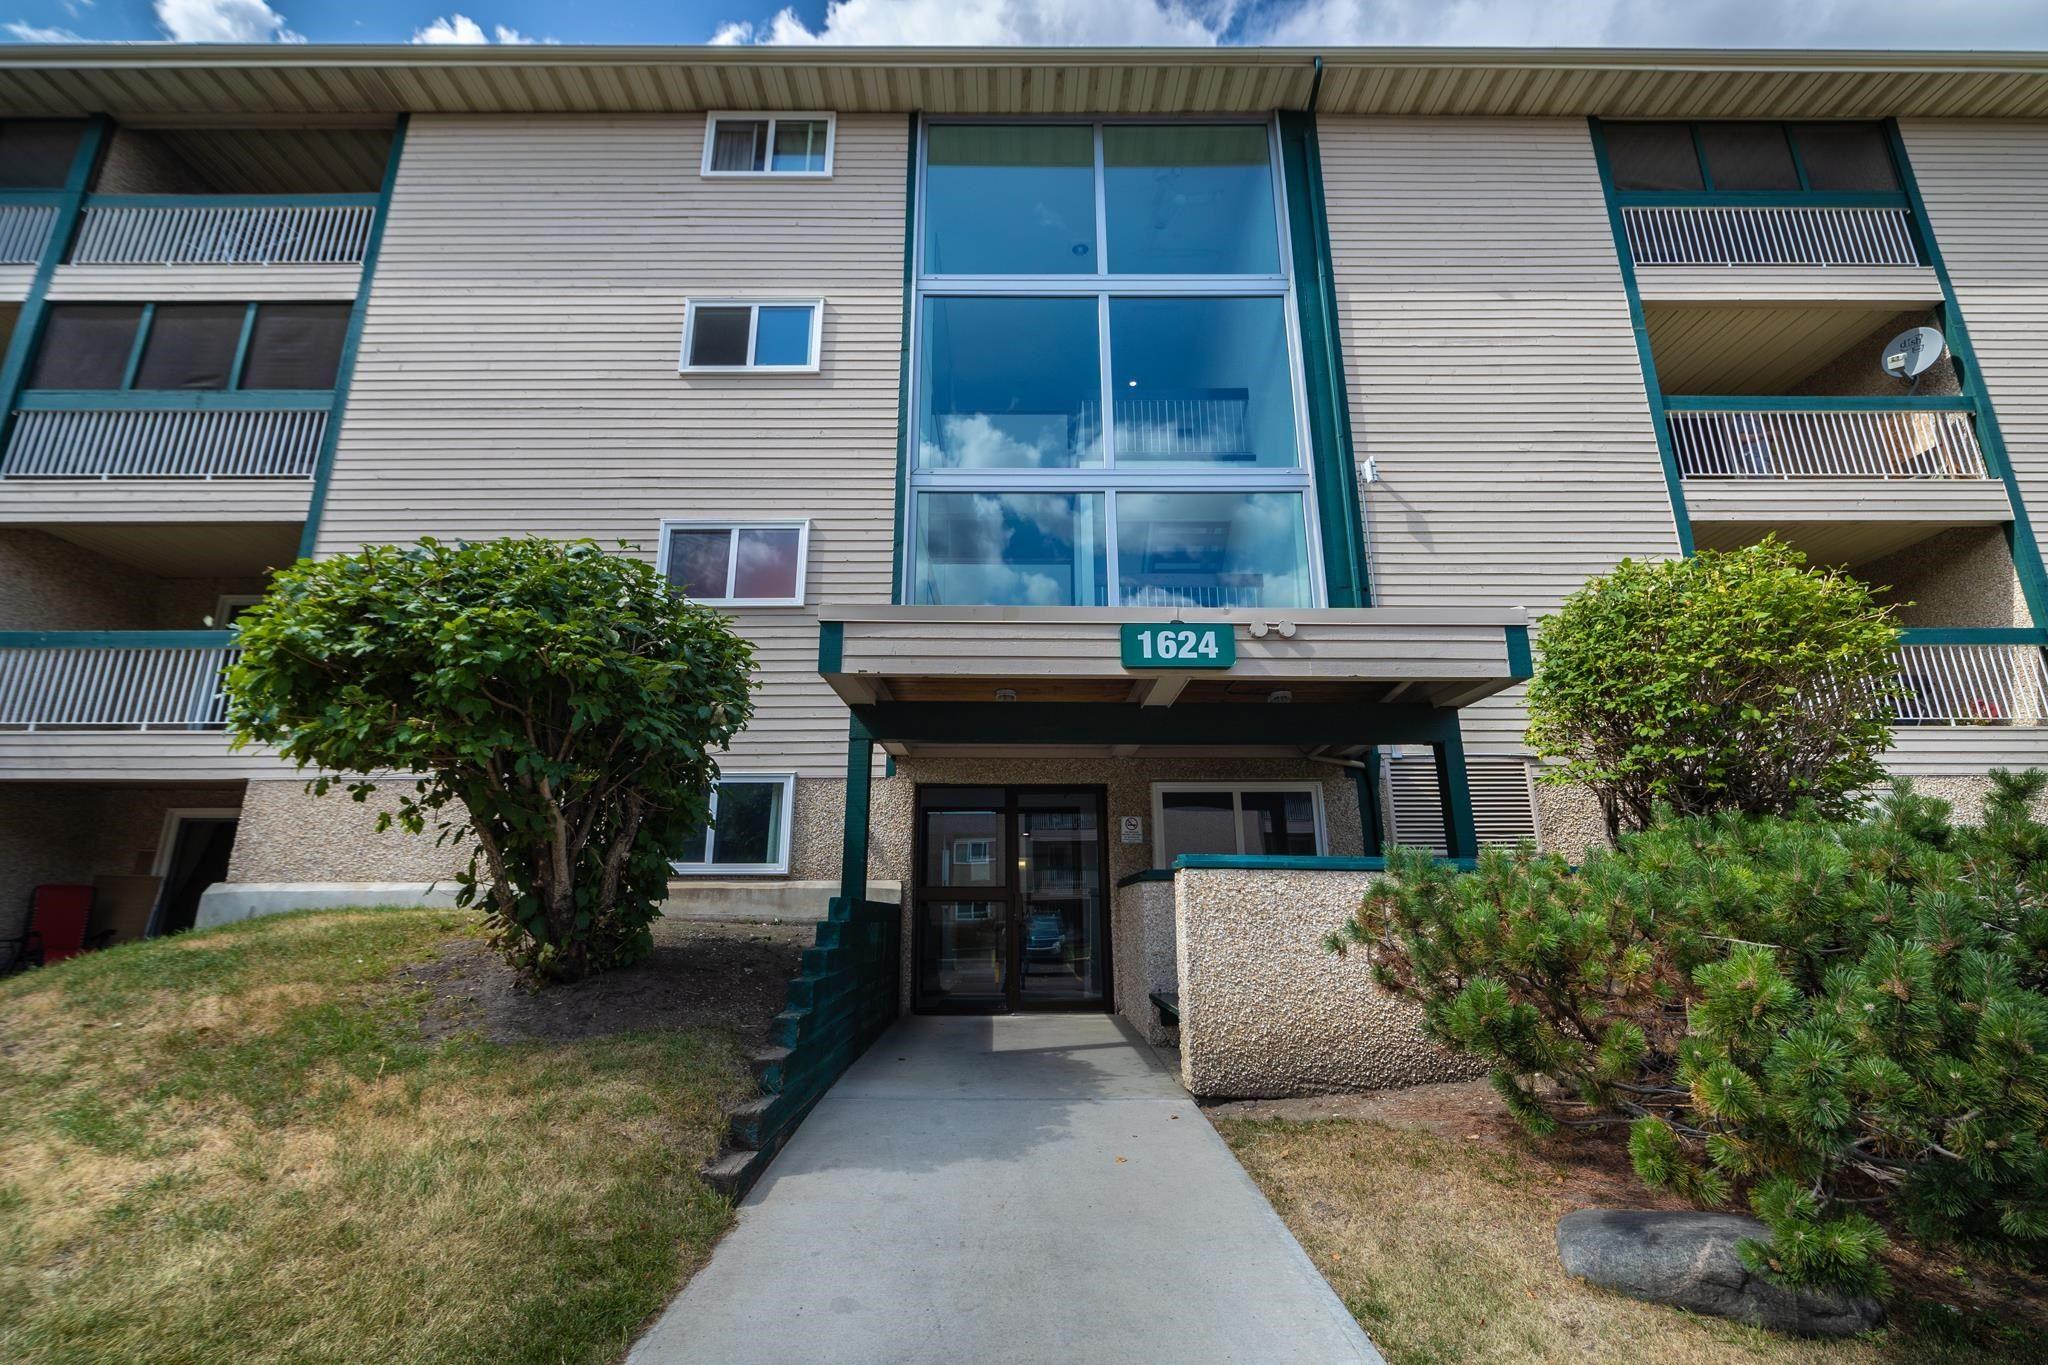 Main Photo: 410 1624 48 Street in Edmonton: Zone 29 Condo for sale : MLS®# E4259971